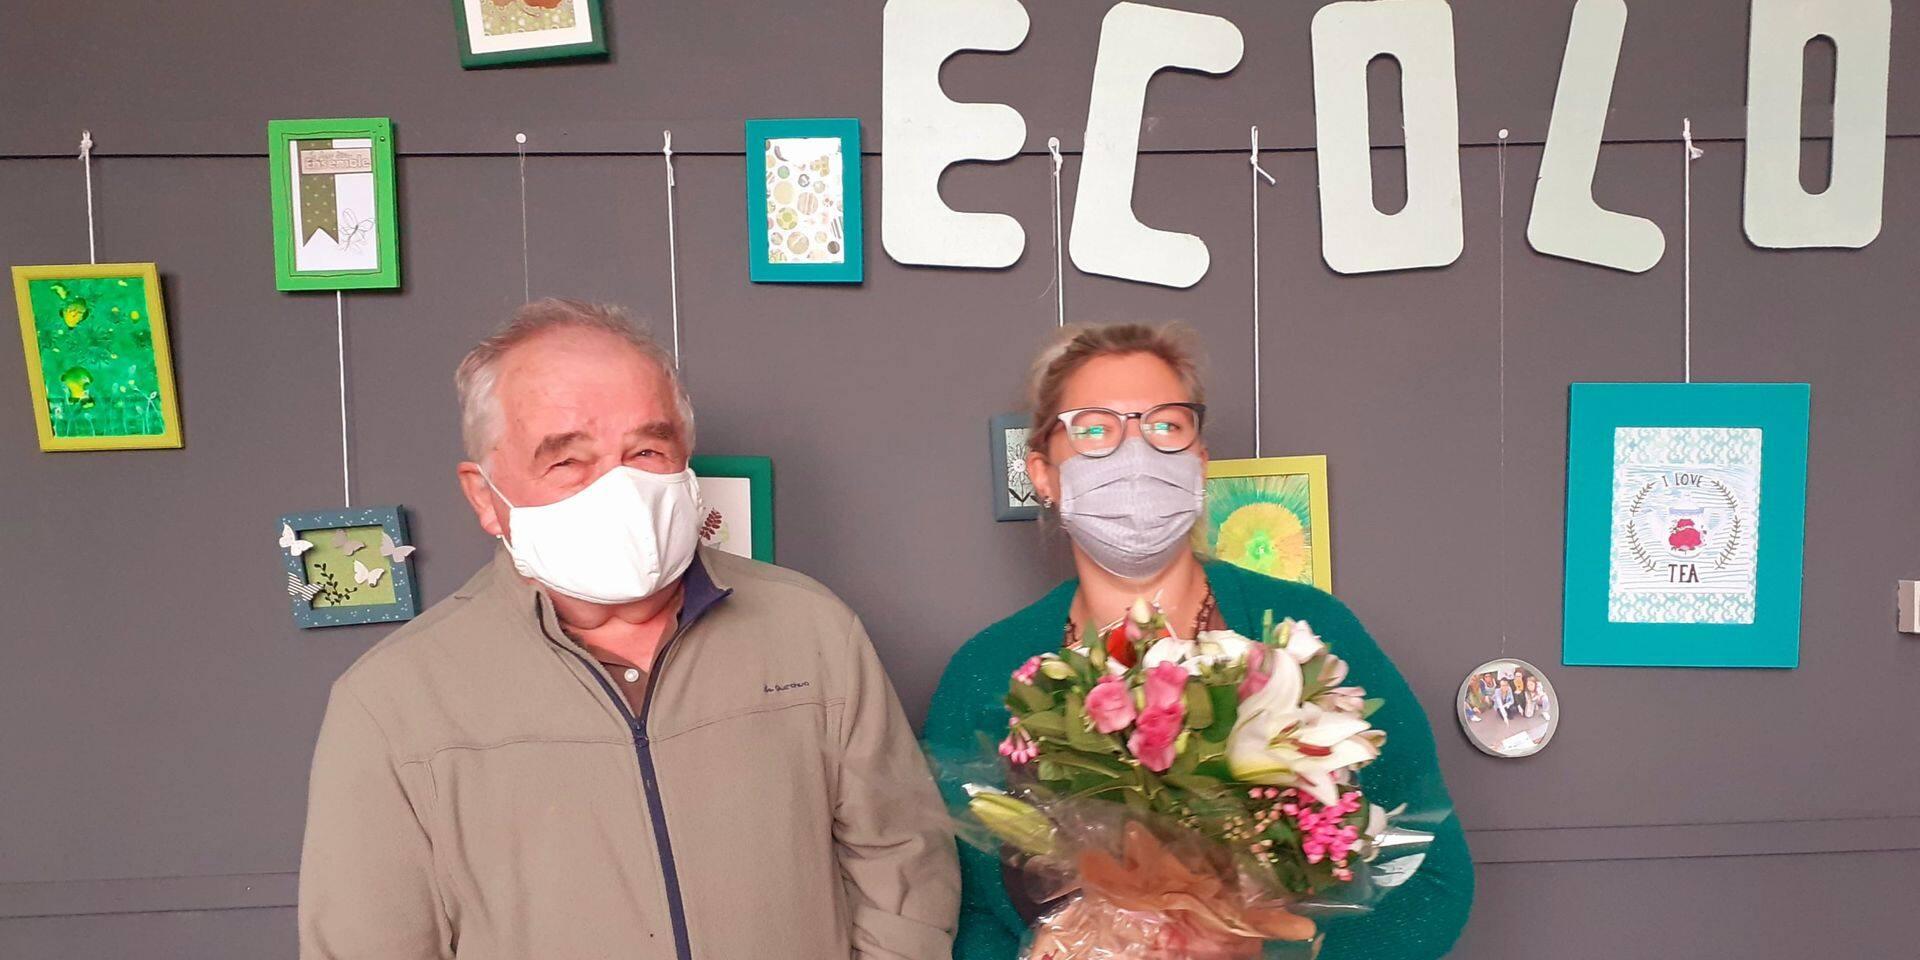 Estaimpuis: Patrick Vantomme (Ecolo) remplace Pauline Trooster au conseil communal